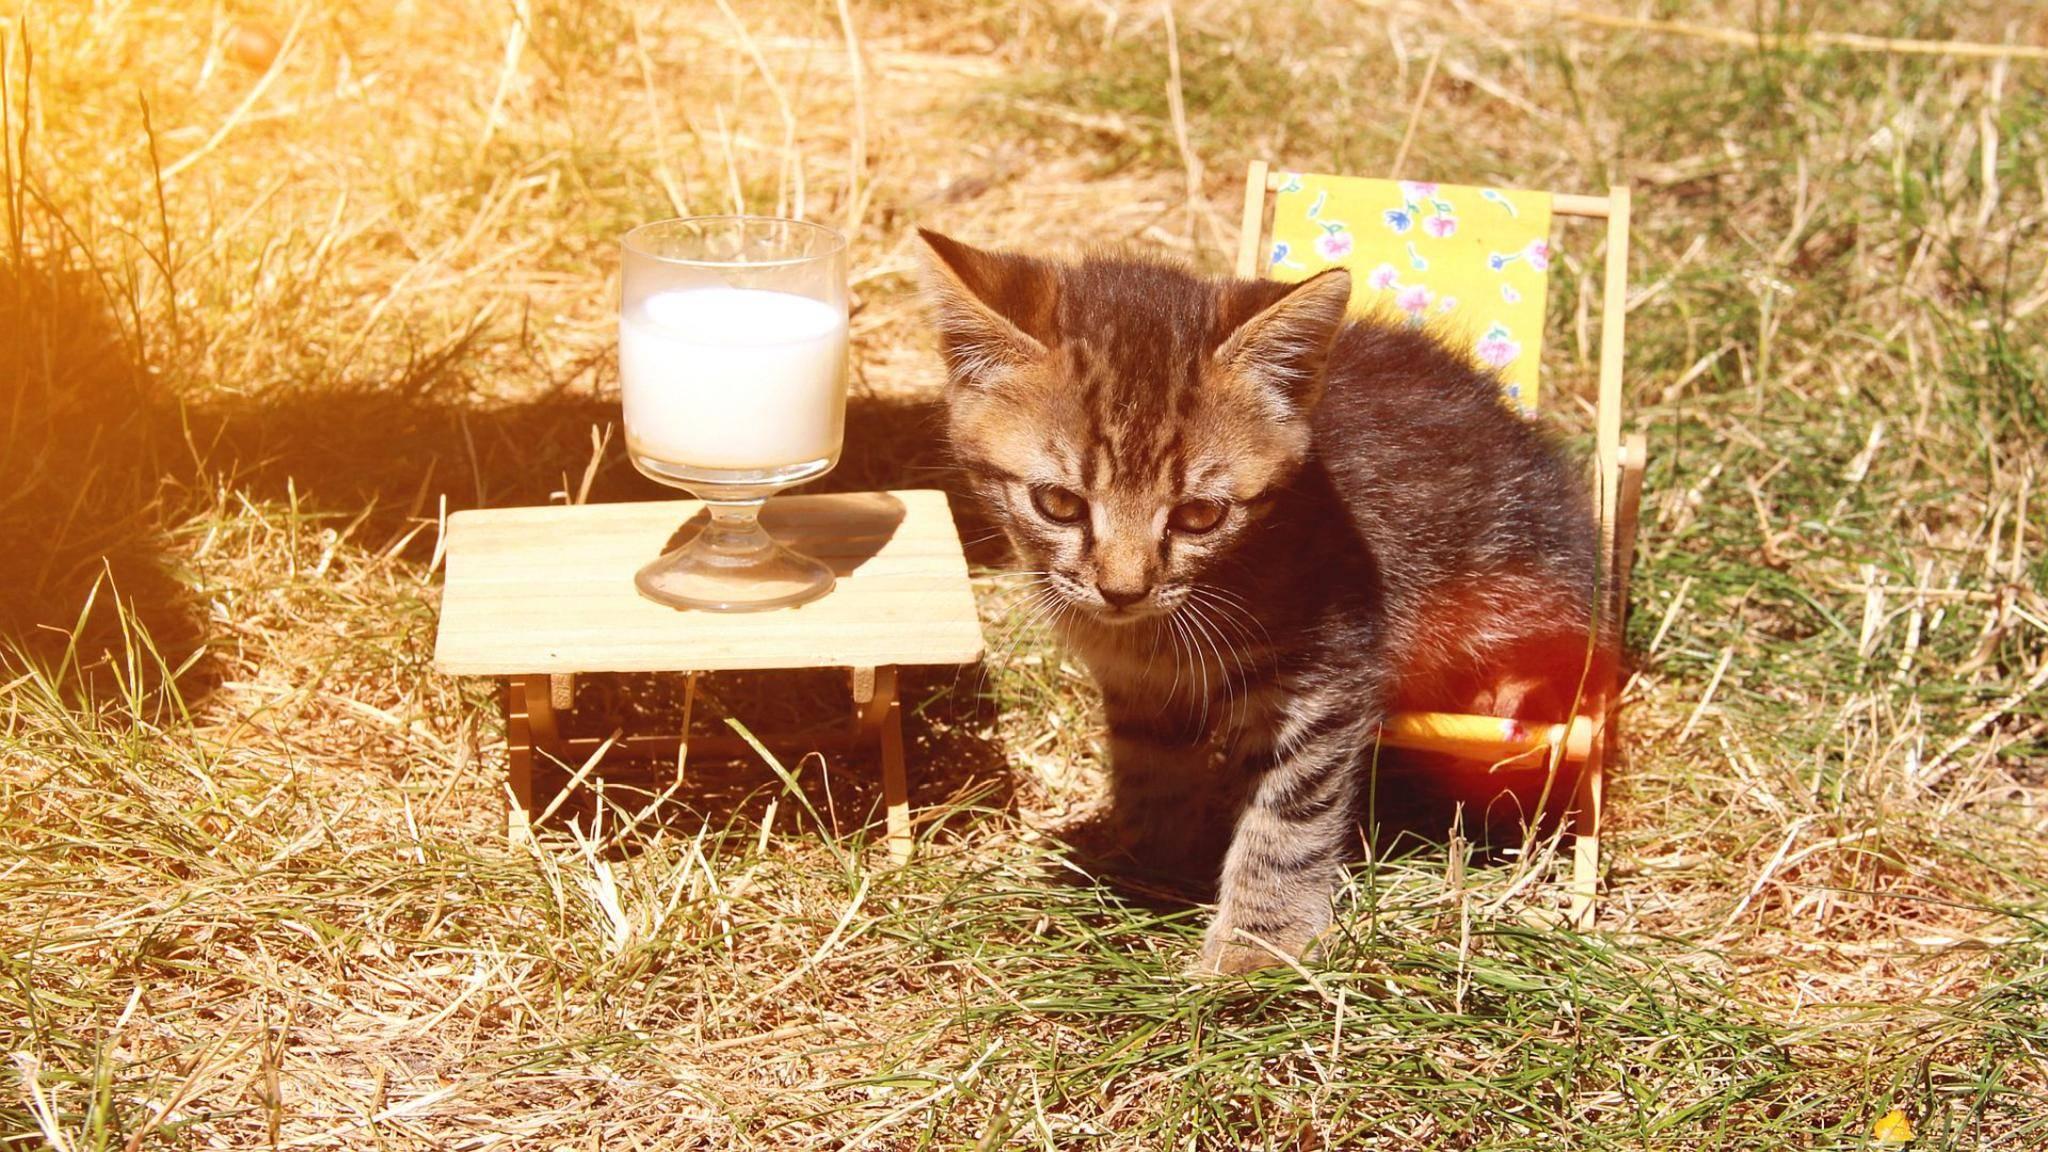 Bei Futterspielen für Haustiere sind der Kreativität keine Grenzen gesetzt.